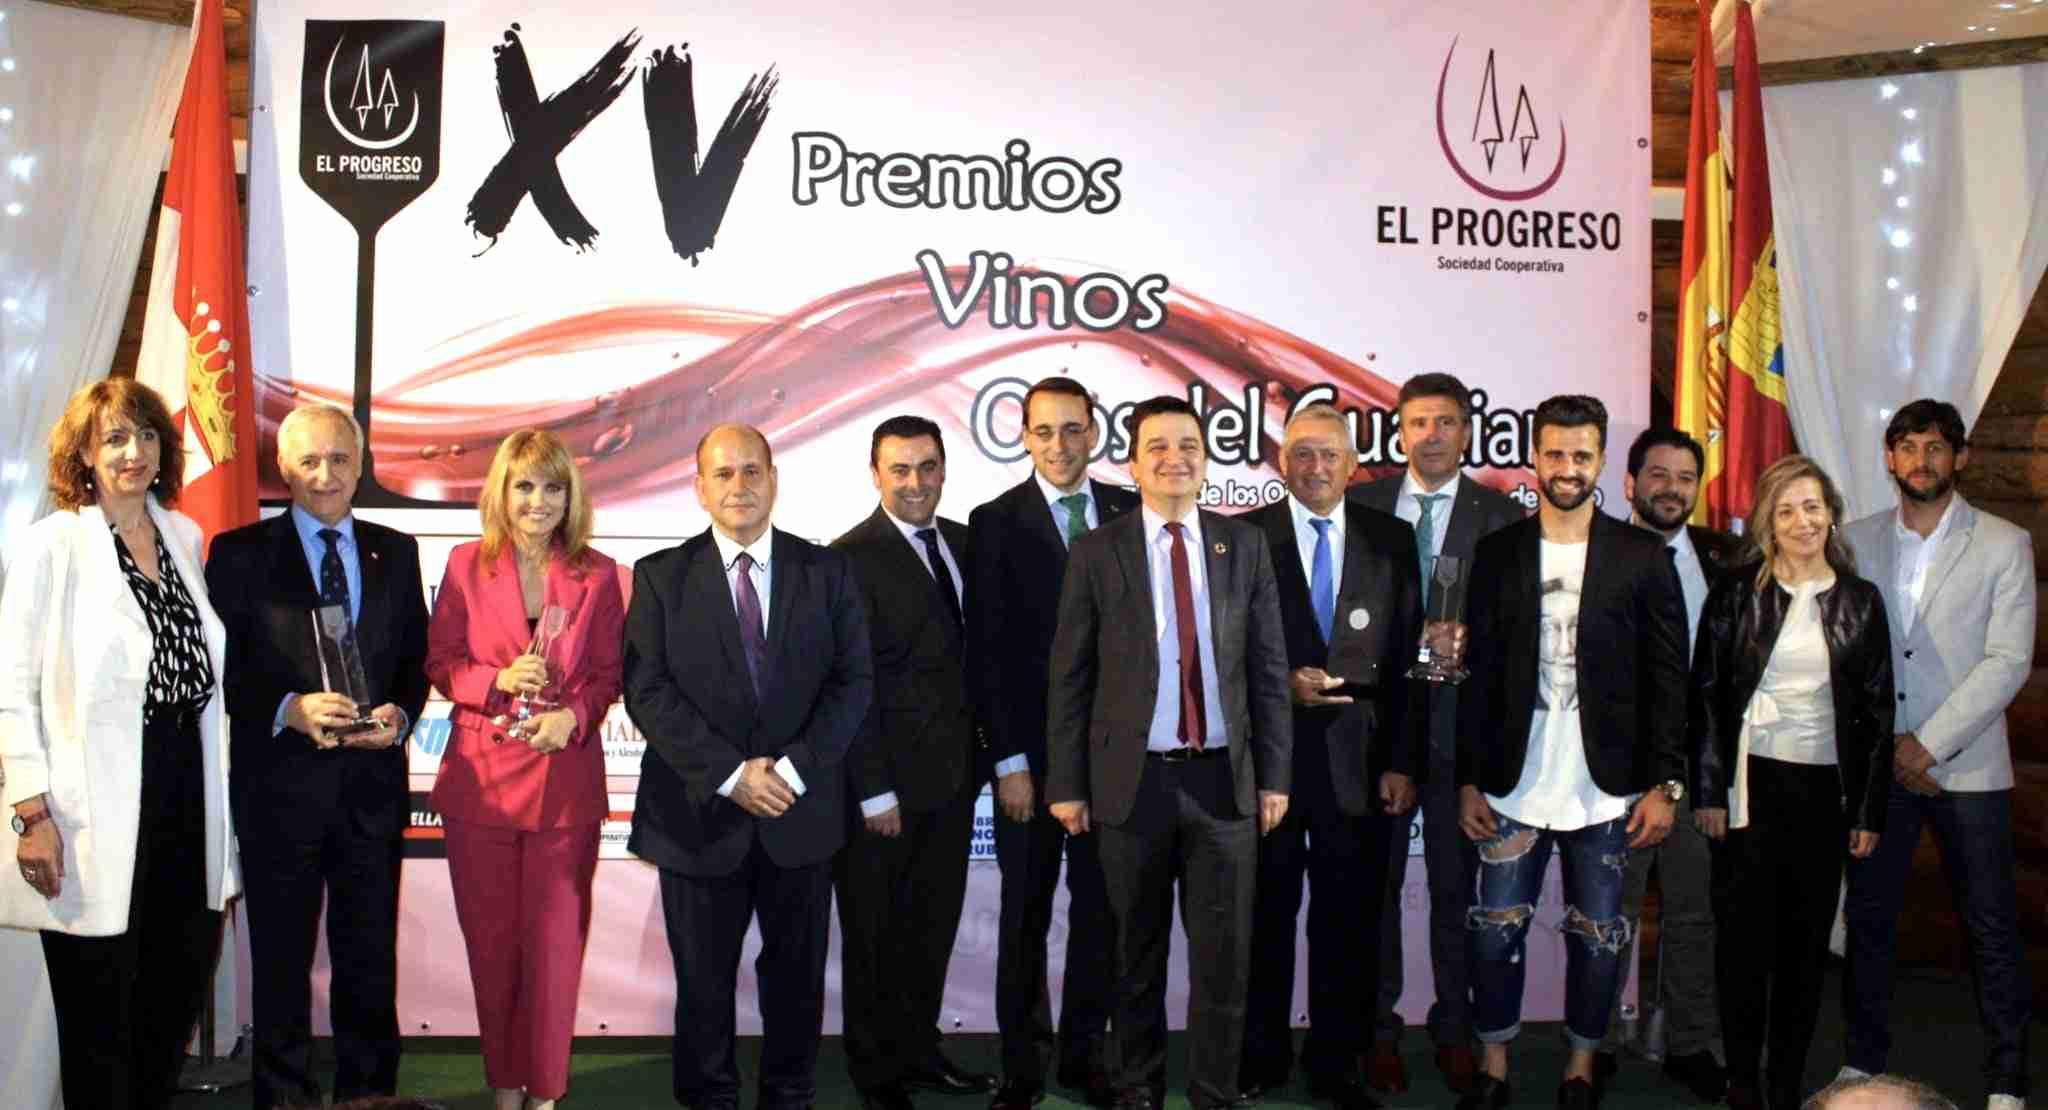 """Éxito de los 15 Premios """"Vinos Ojos del Guadiana"""" de El Progreso con la solidaridad, la cultura y el cooperativismo como protagonistas 26"""